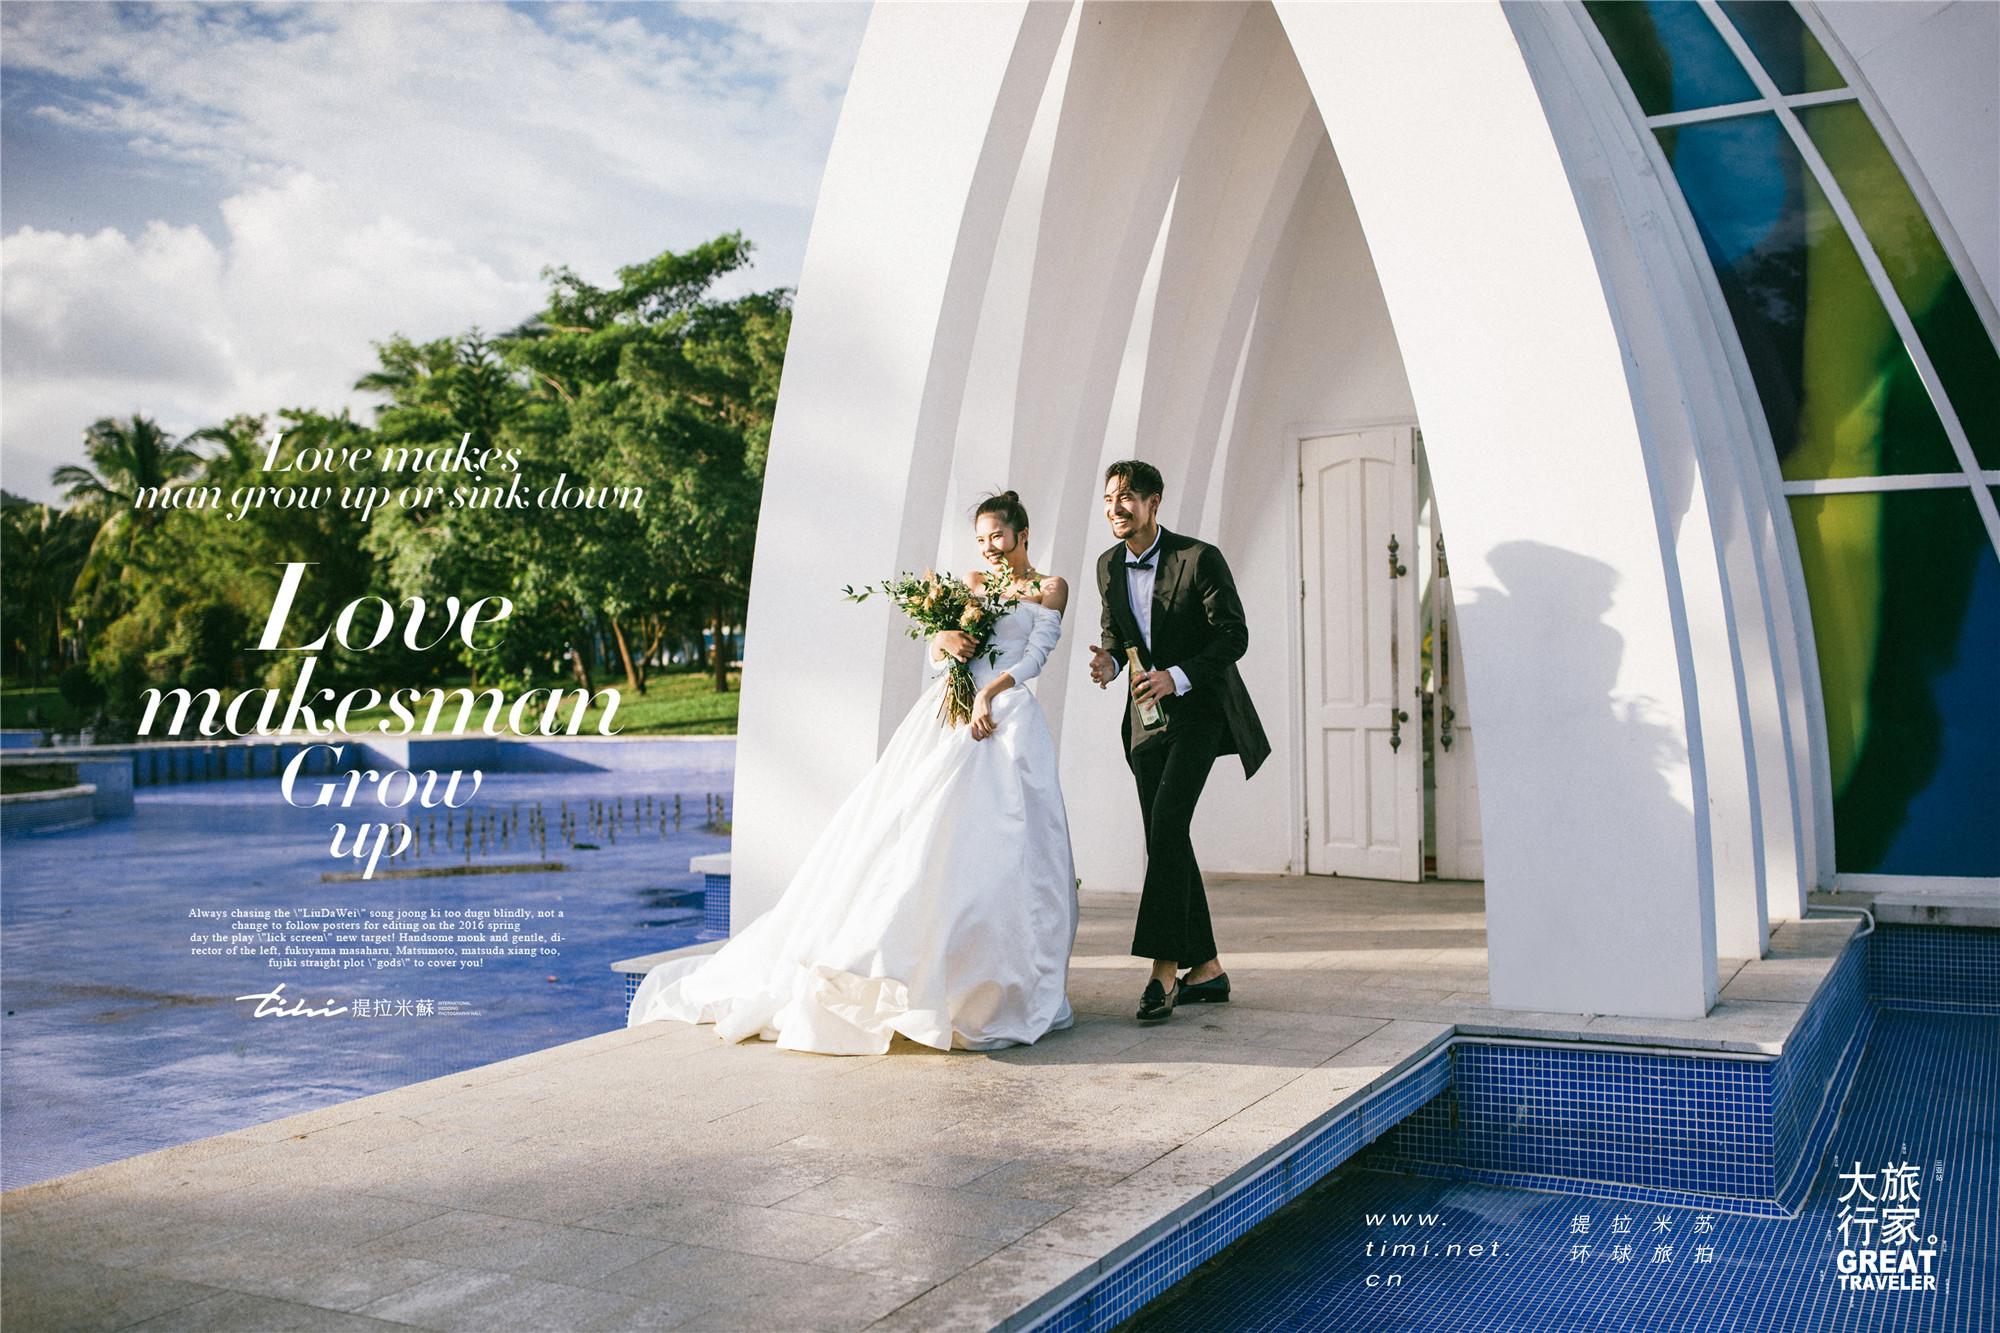 日本拍婚纱照需注意的事项